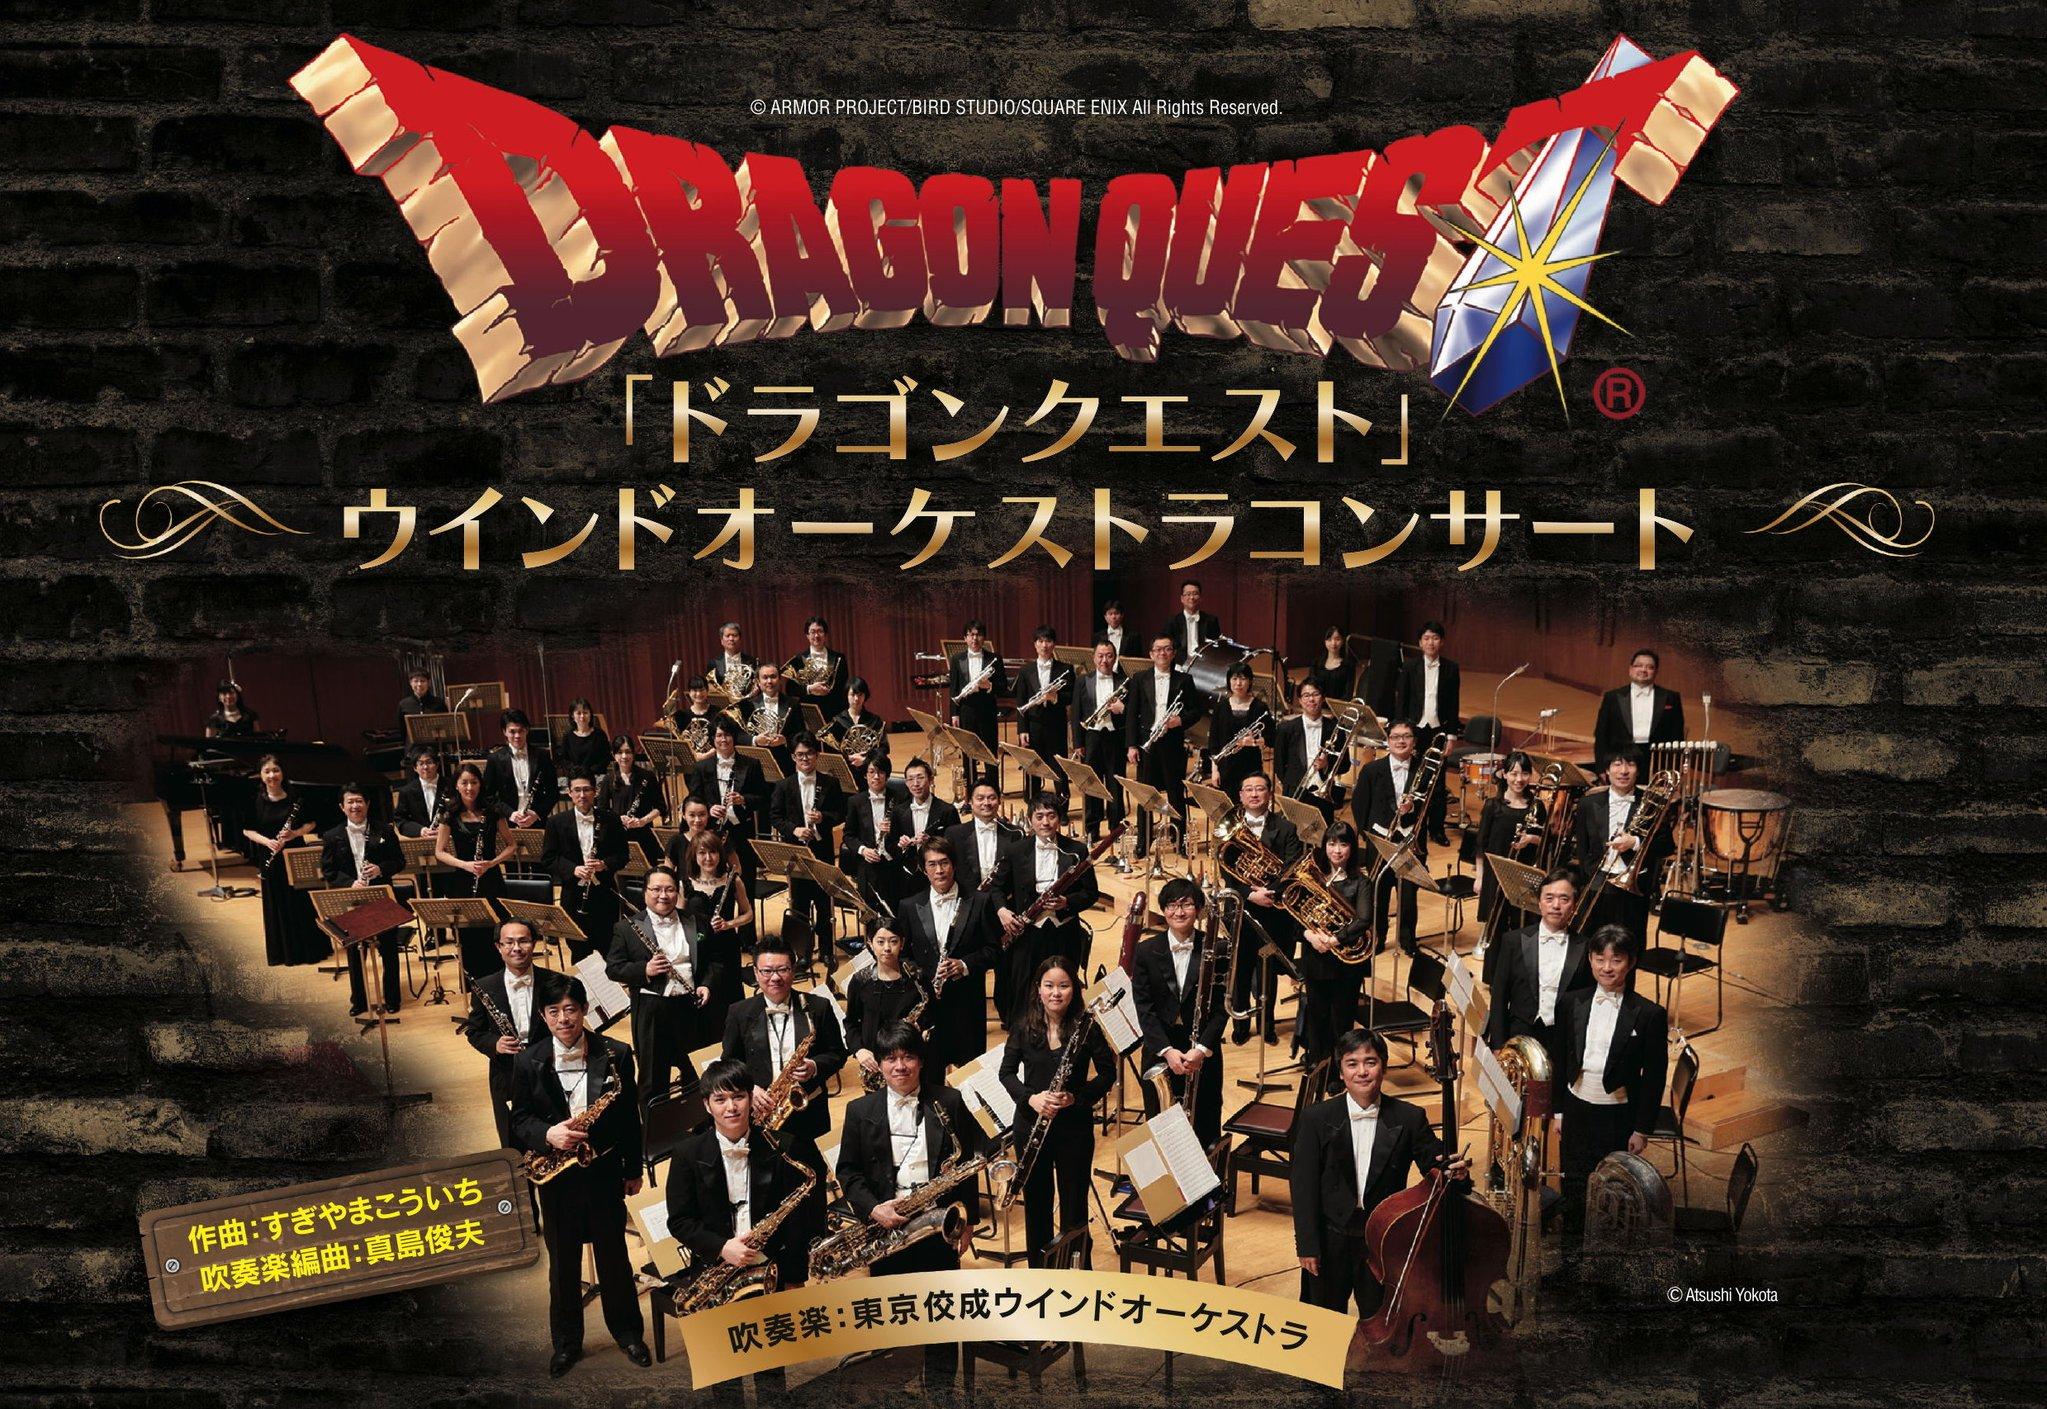 「ドラゴンクエスト」ウインドオーケストラコンサート 池袋公演